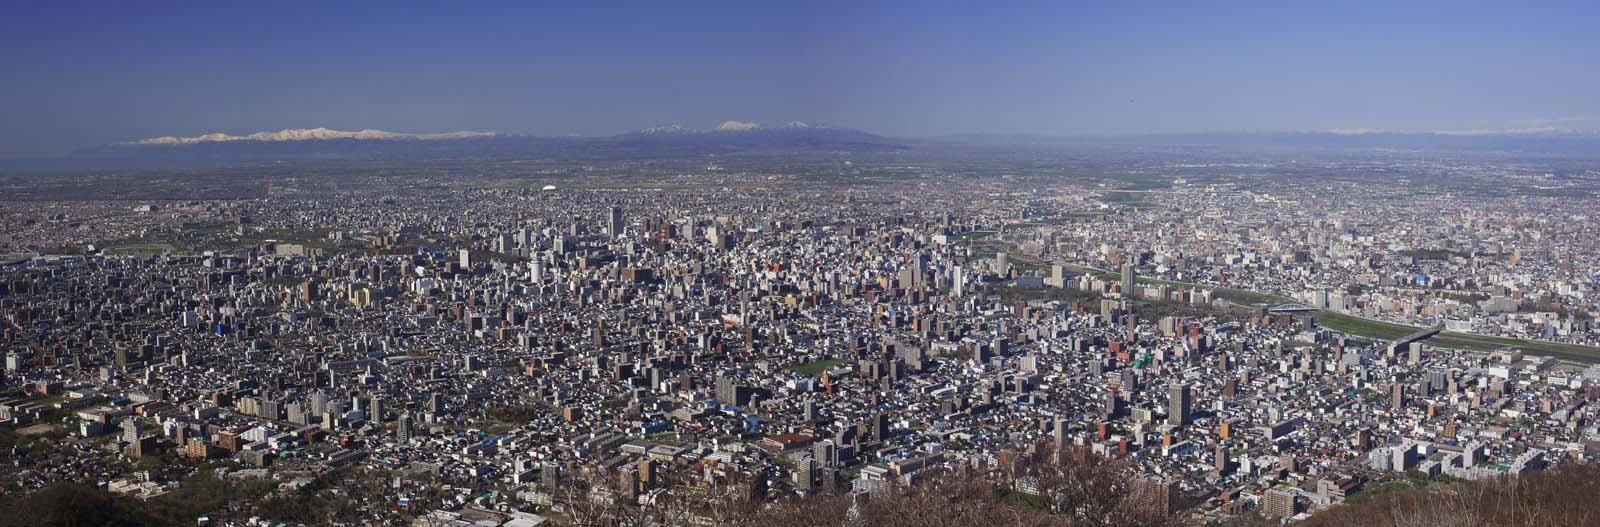 Фото, материальный, свободный, пейзаж, фотография, фото фонда.,Саппоро -shi sweep глаза., Хоккайдо, Обсерватория, Область города, Синее небо